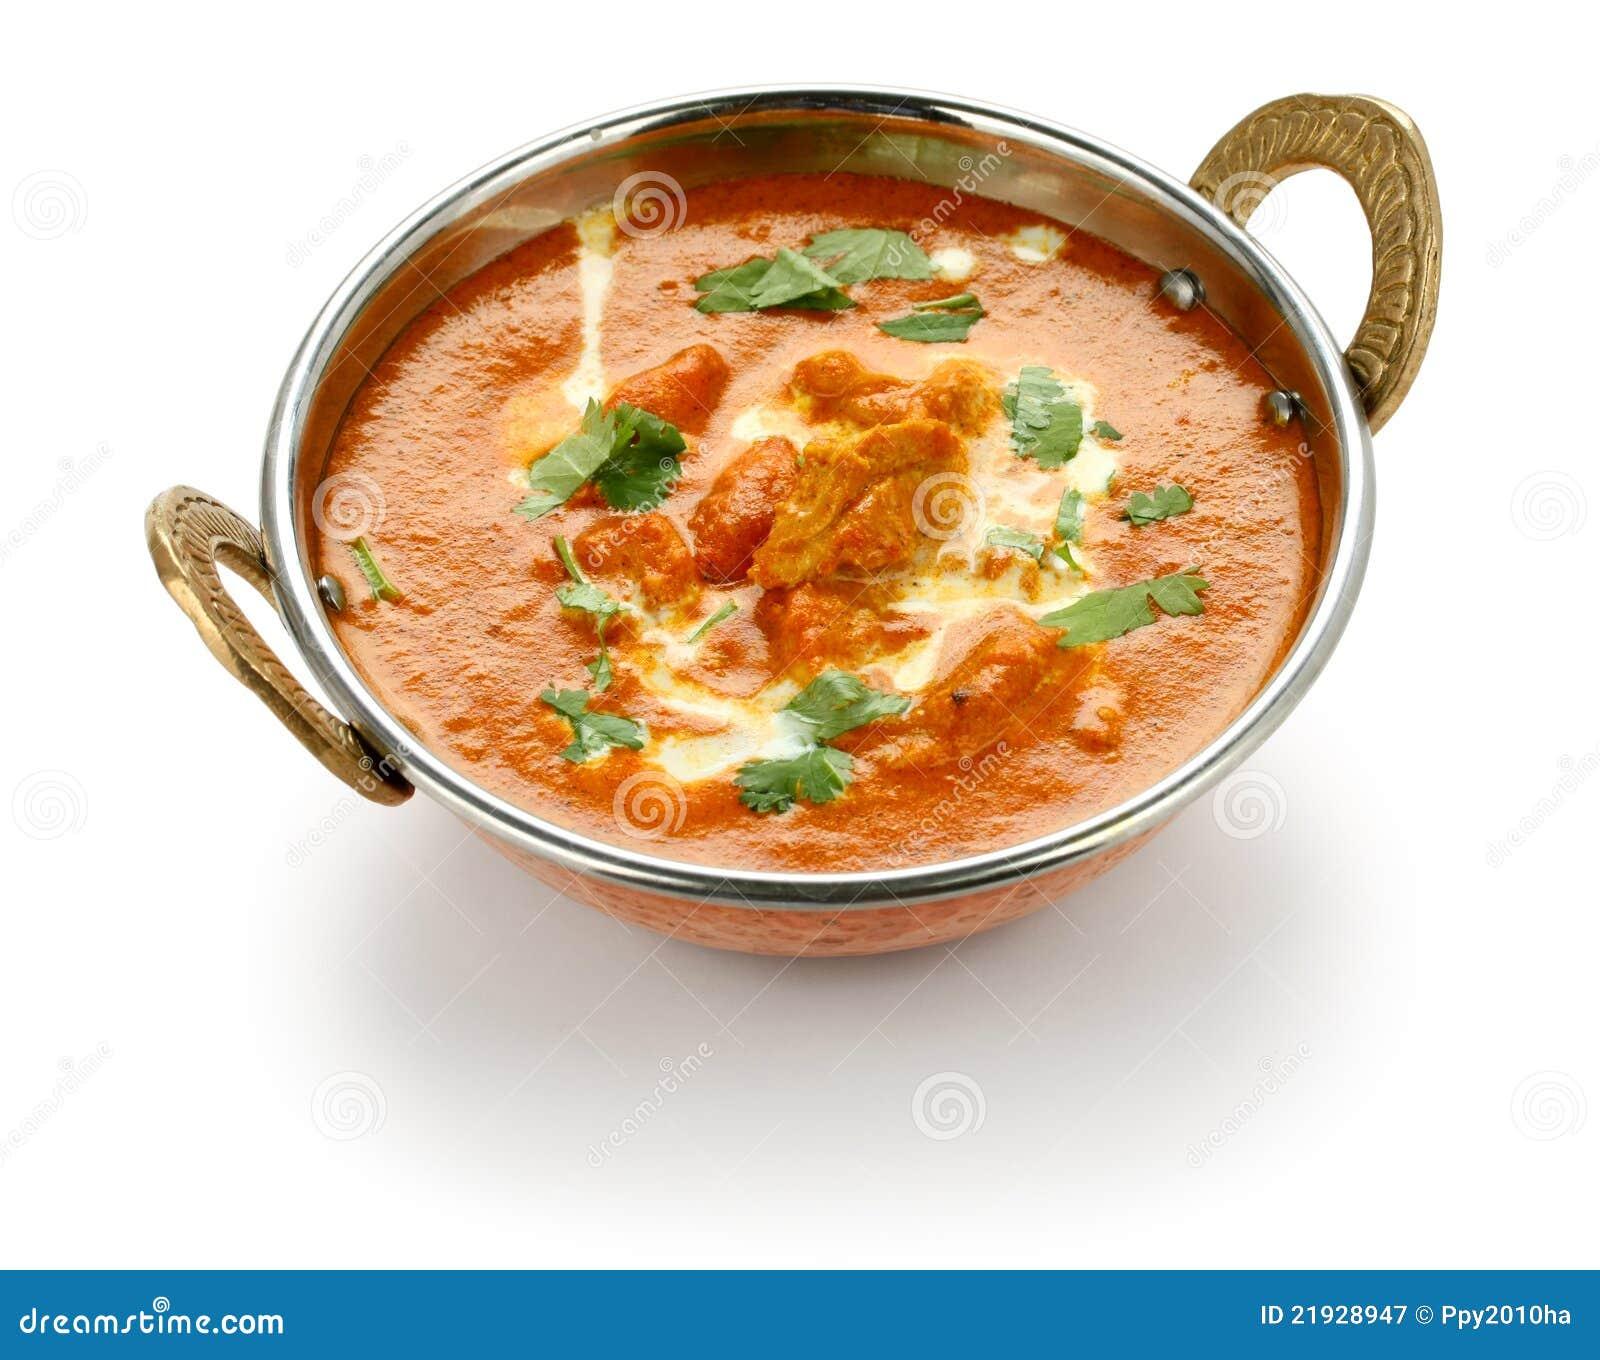 butterhuhn, indische küche lizenzfreie stockfotografie - bild